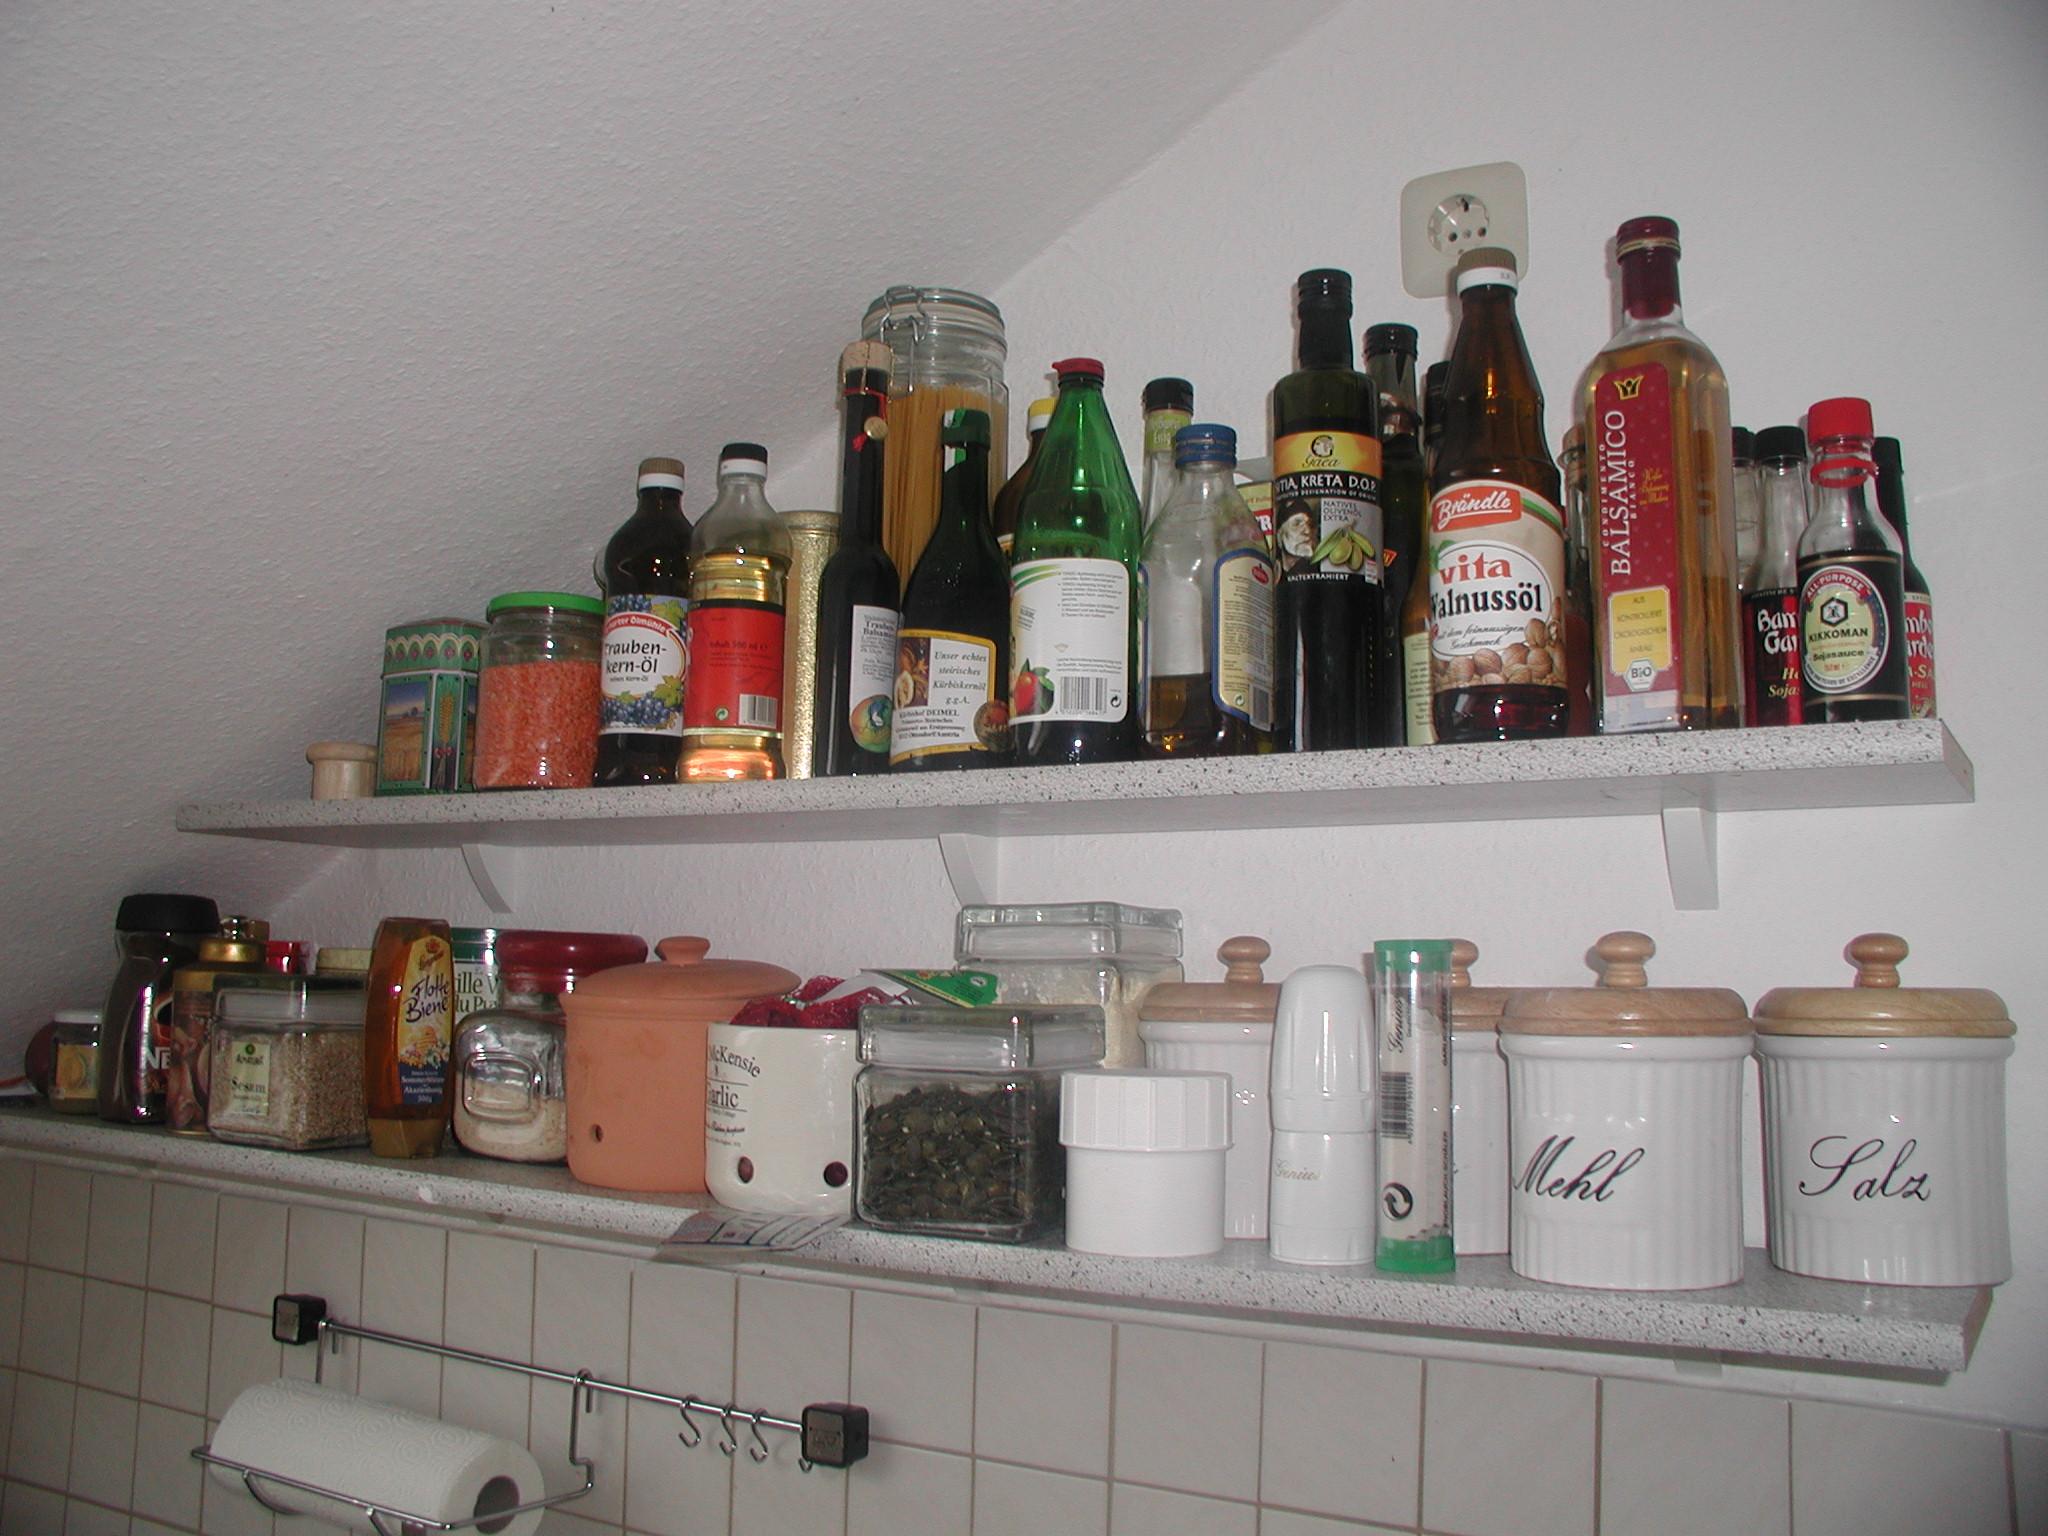 Gewürzaufbewahrung organisierte gewürzaufbewahrung ideen küchenausstattung forum